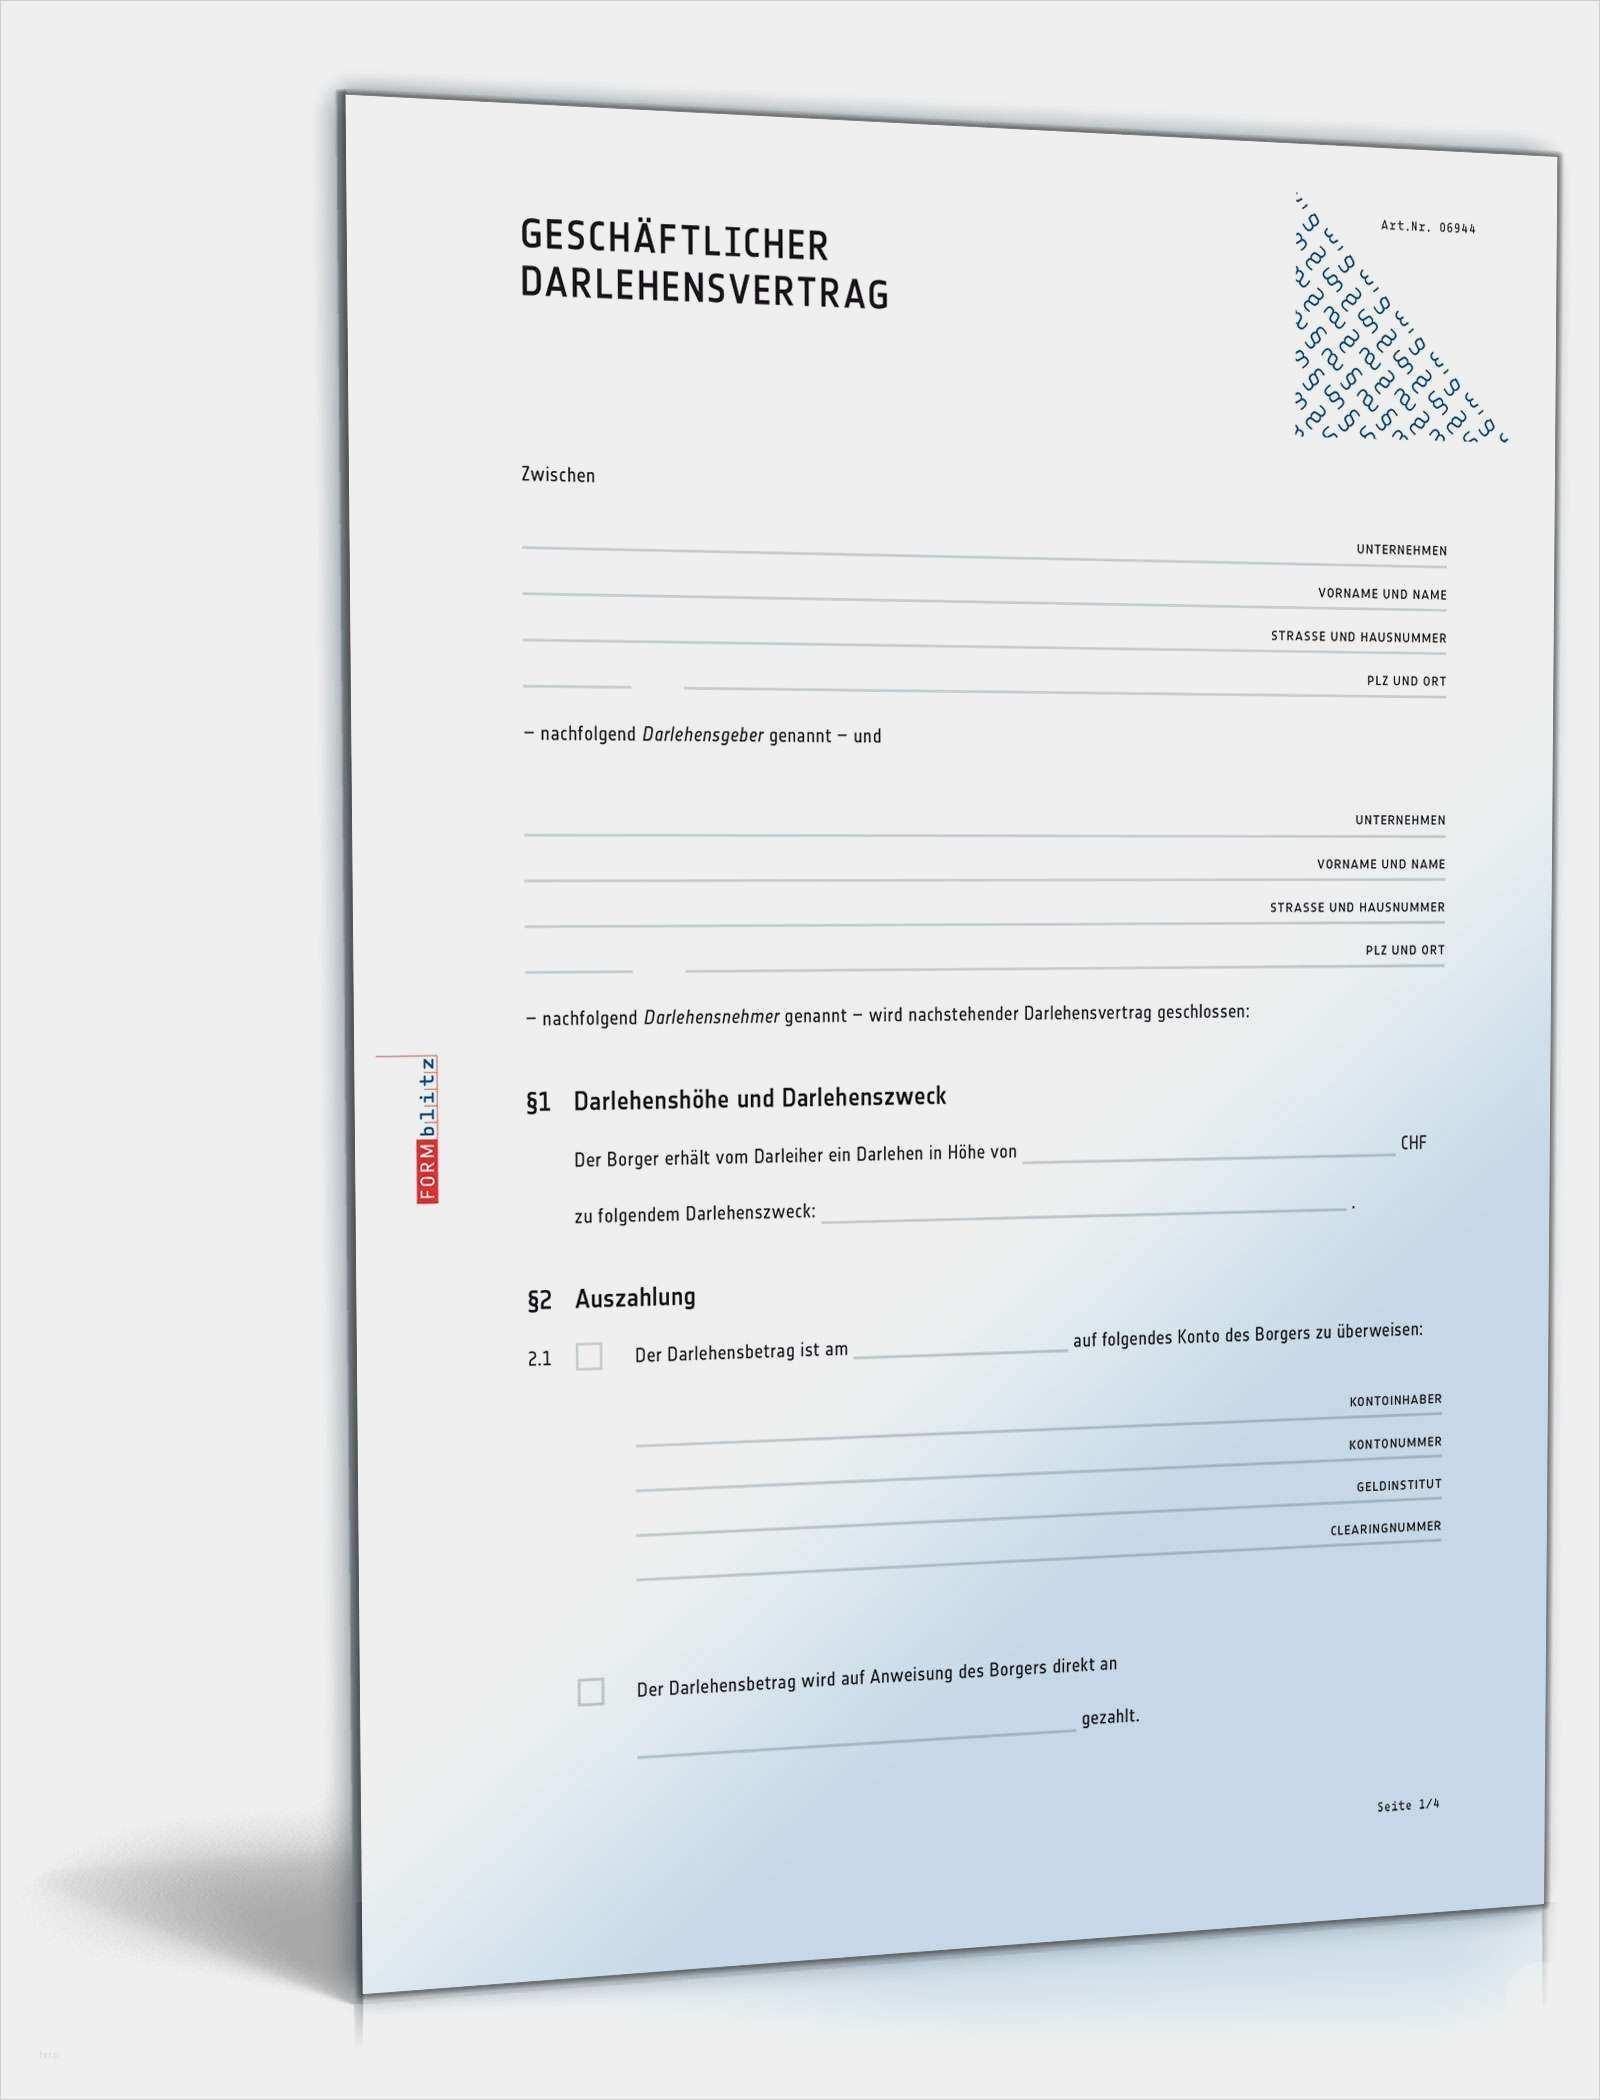 31 Angenehm Aufnahme In Mietvertrag Vorlage Abbildung In 2020 Lebenslauf Briefkopf Vorlage Vorlagen Lebenslauf